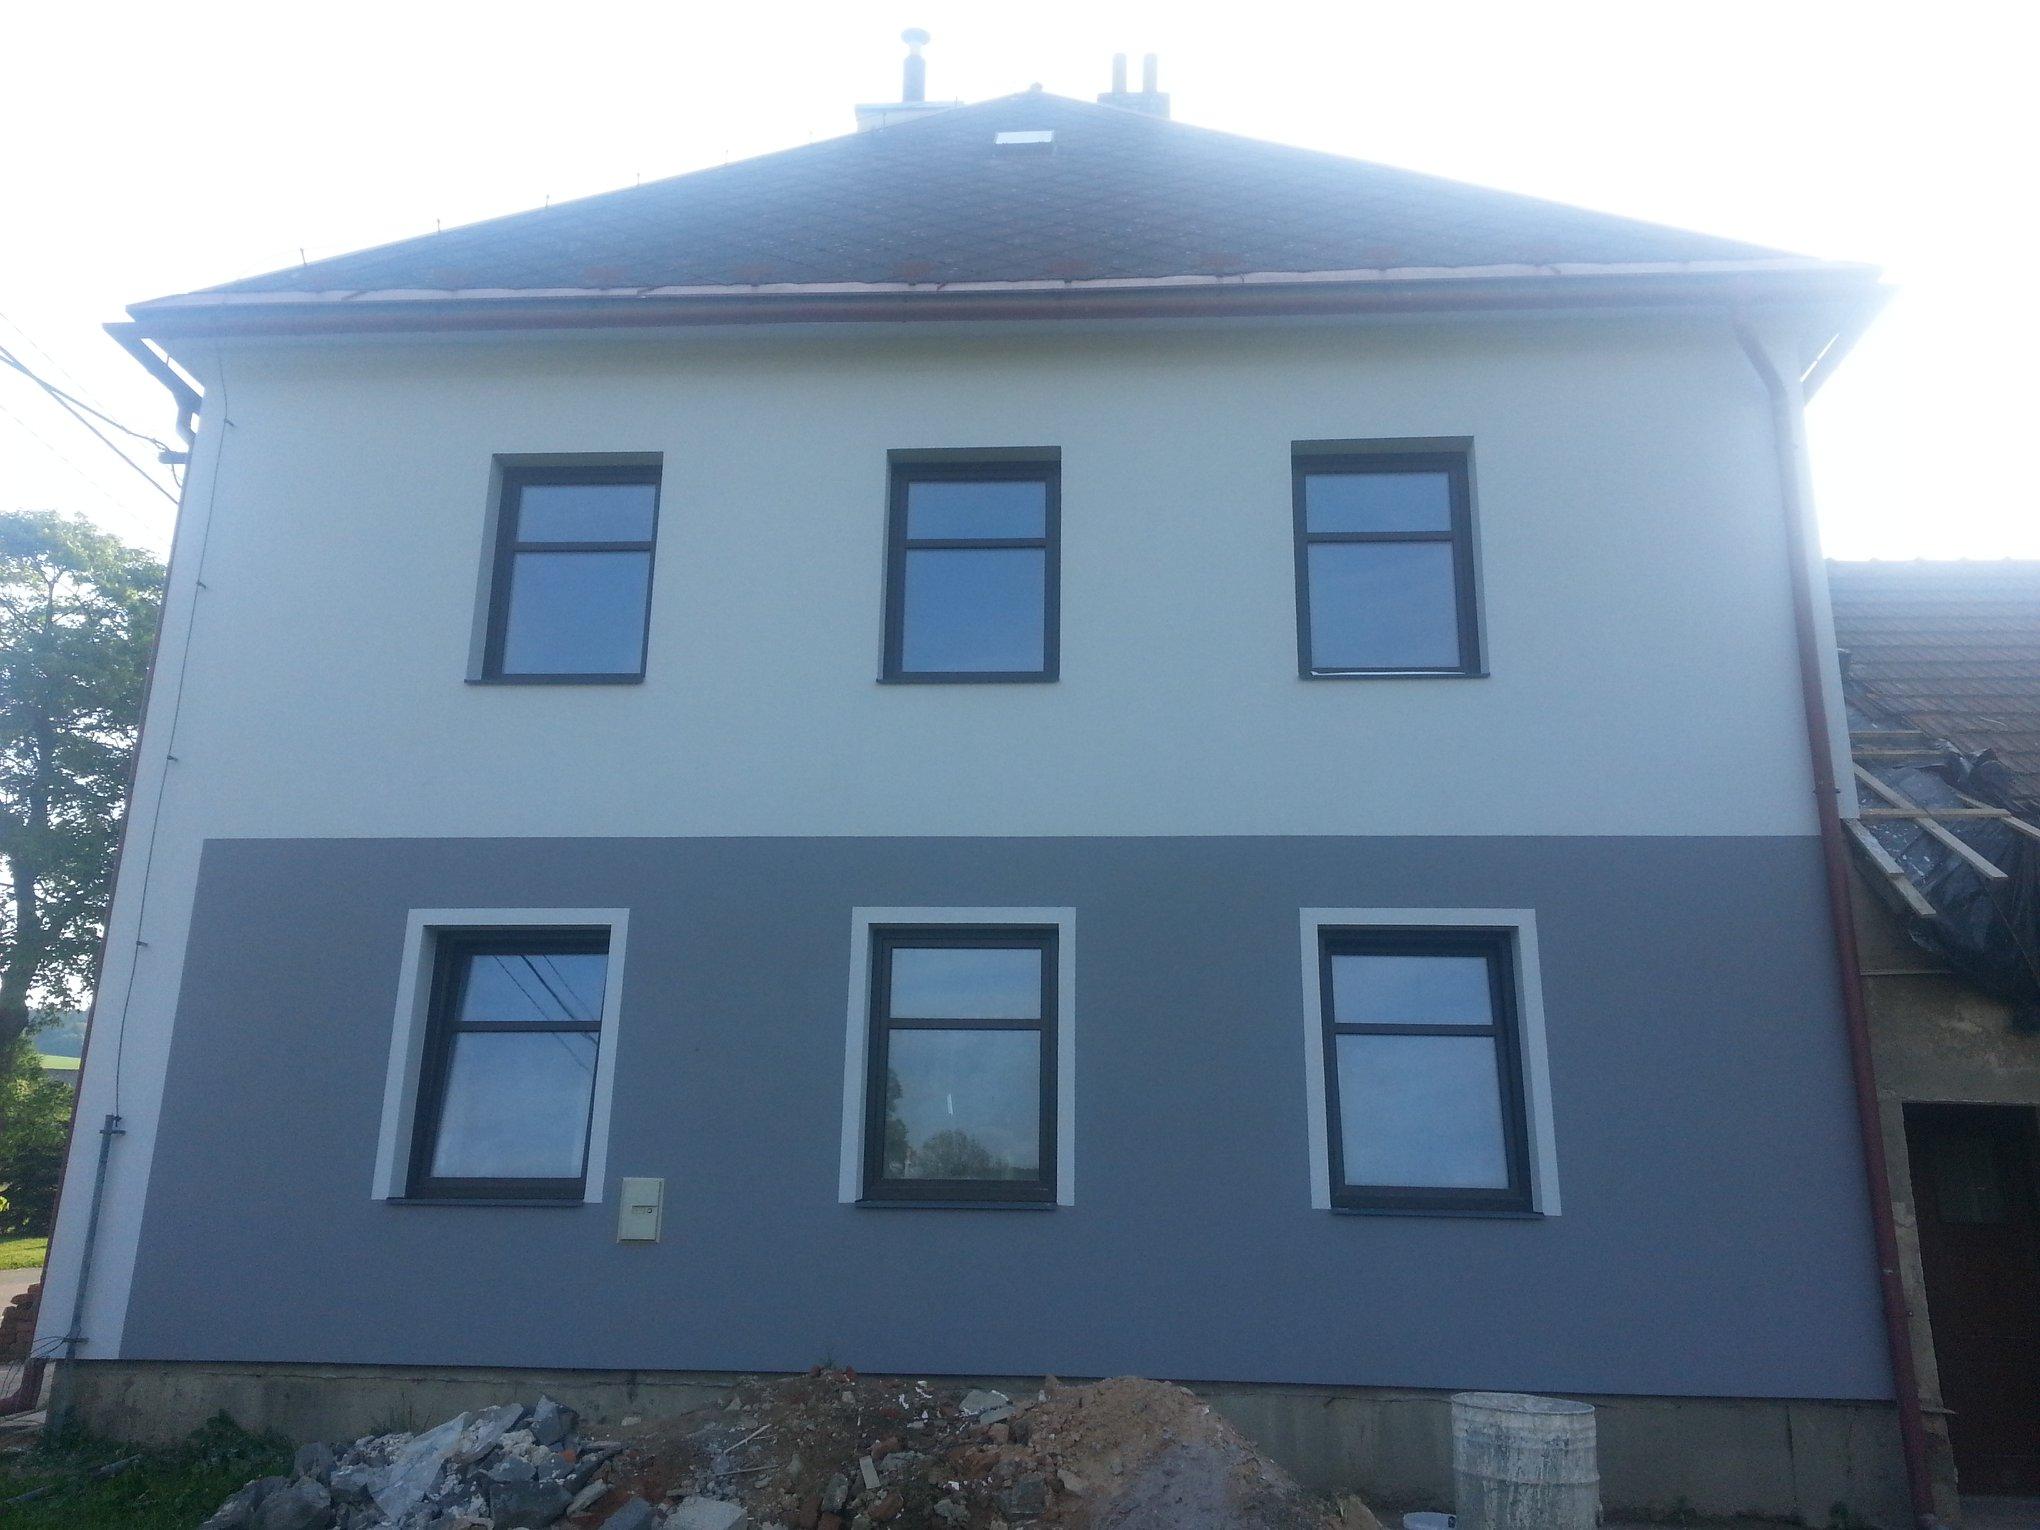 Rodiný dům Horní Heřmanice